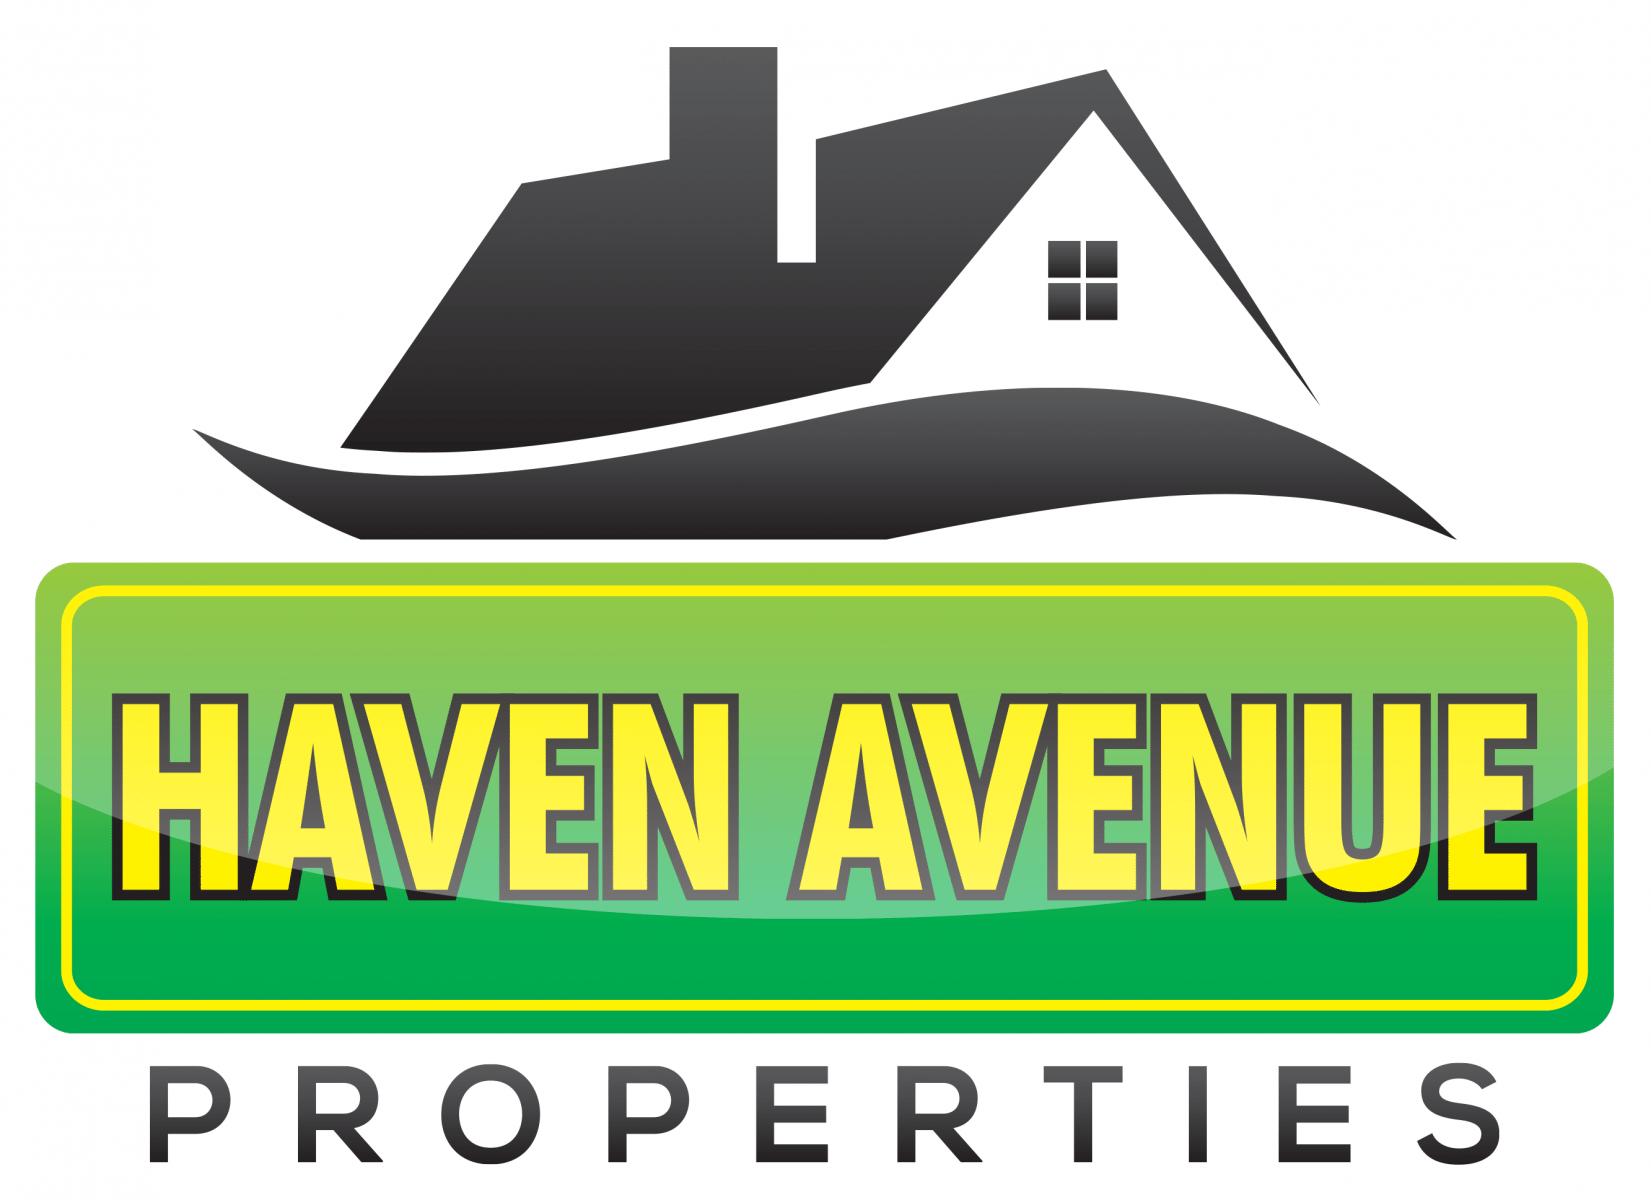 Haven Avenue Properties logo